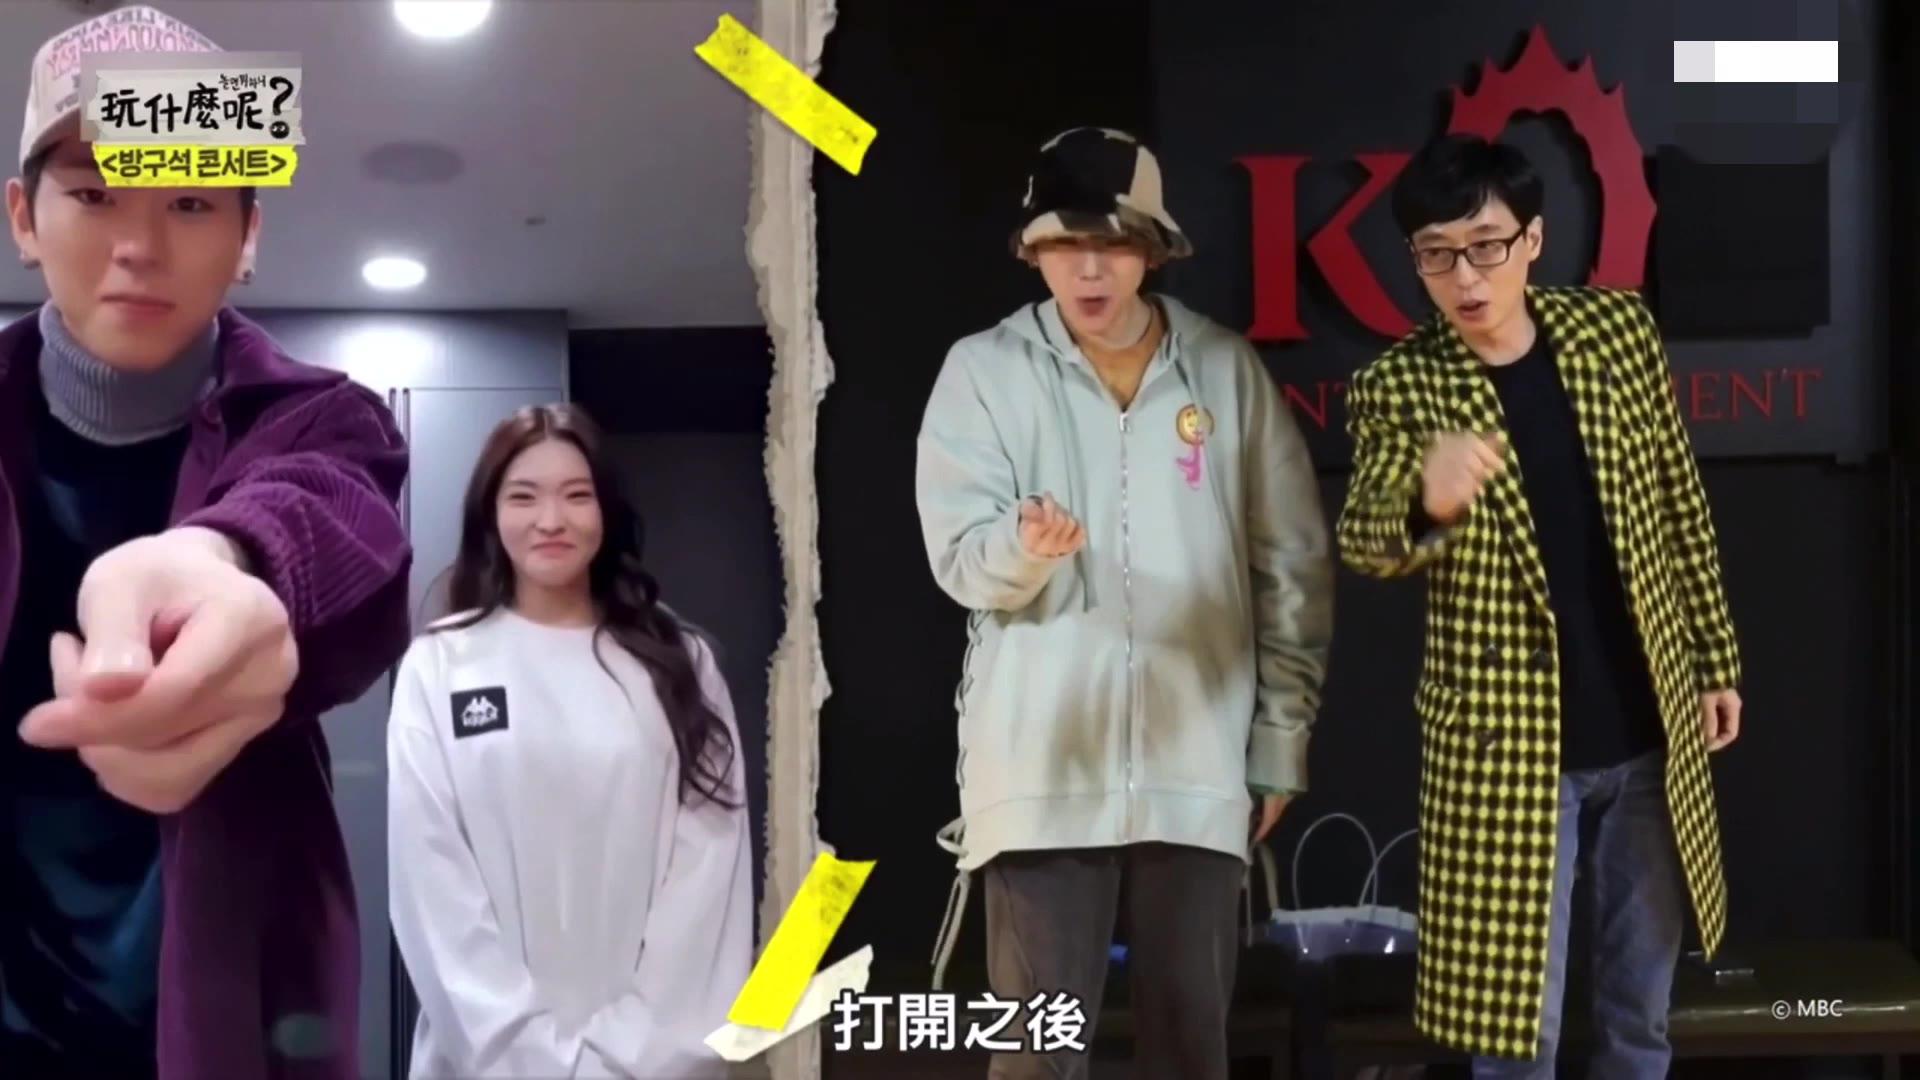 刘在石VS Zico any song 舞蹈教学& challenge